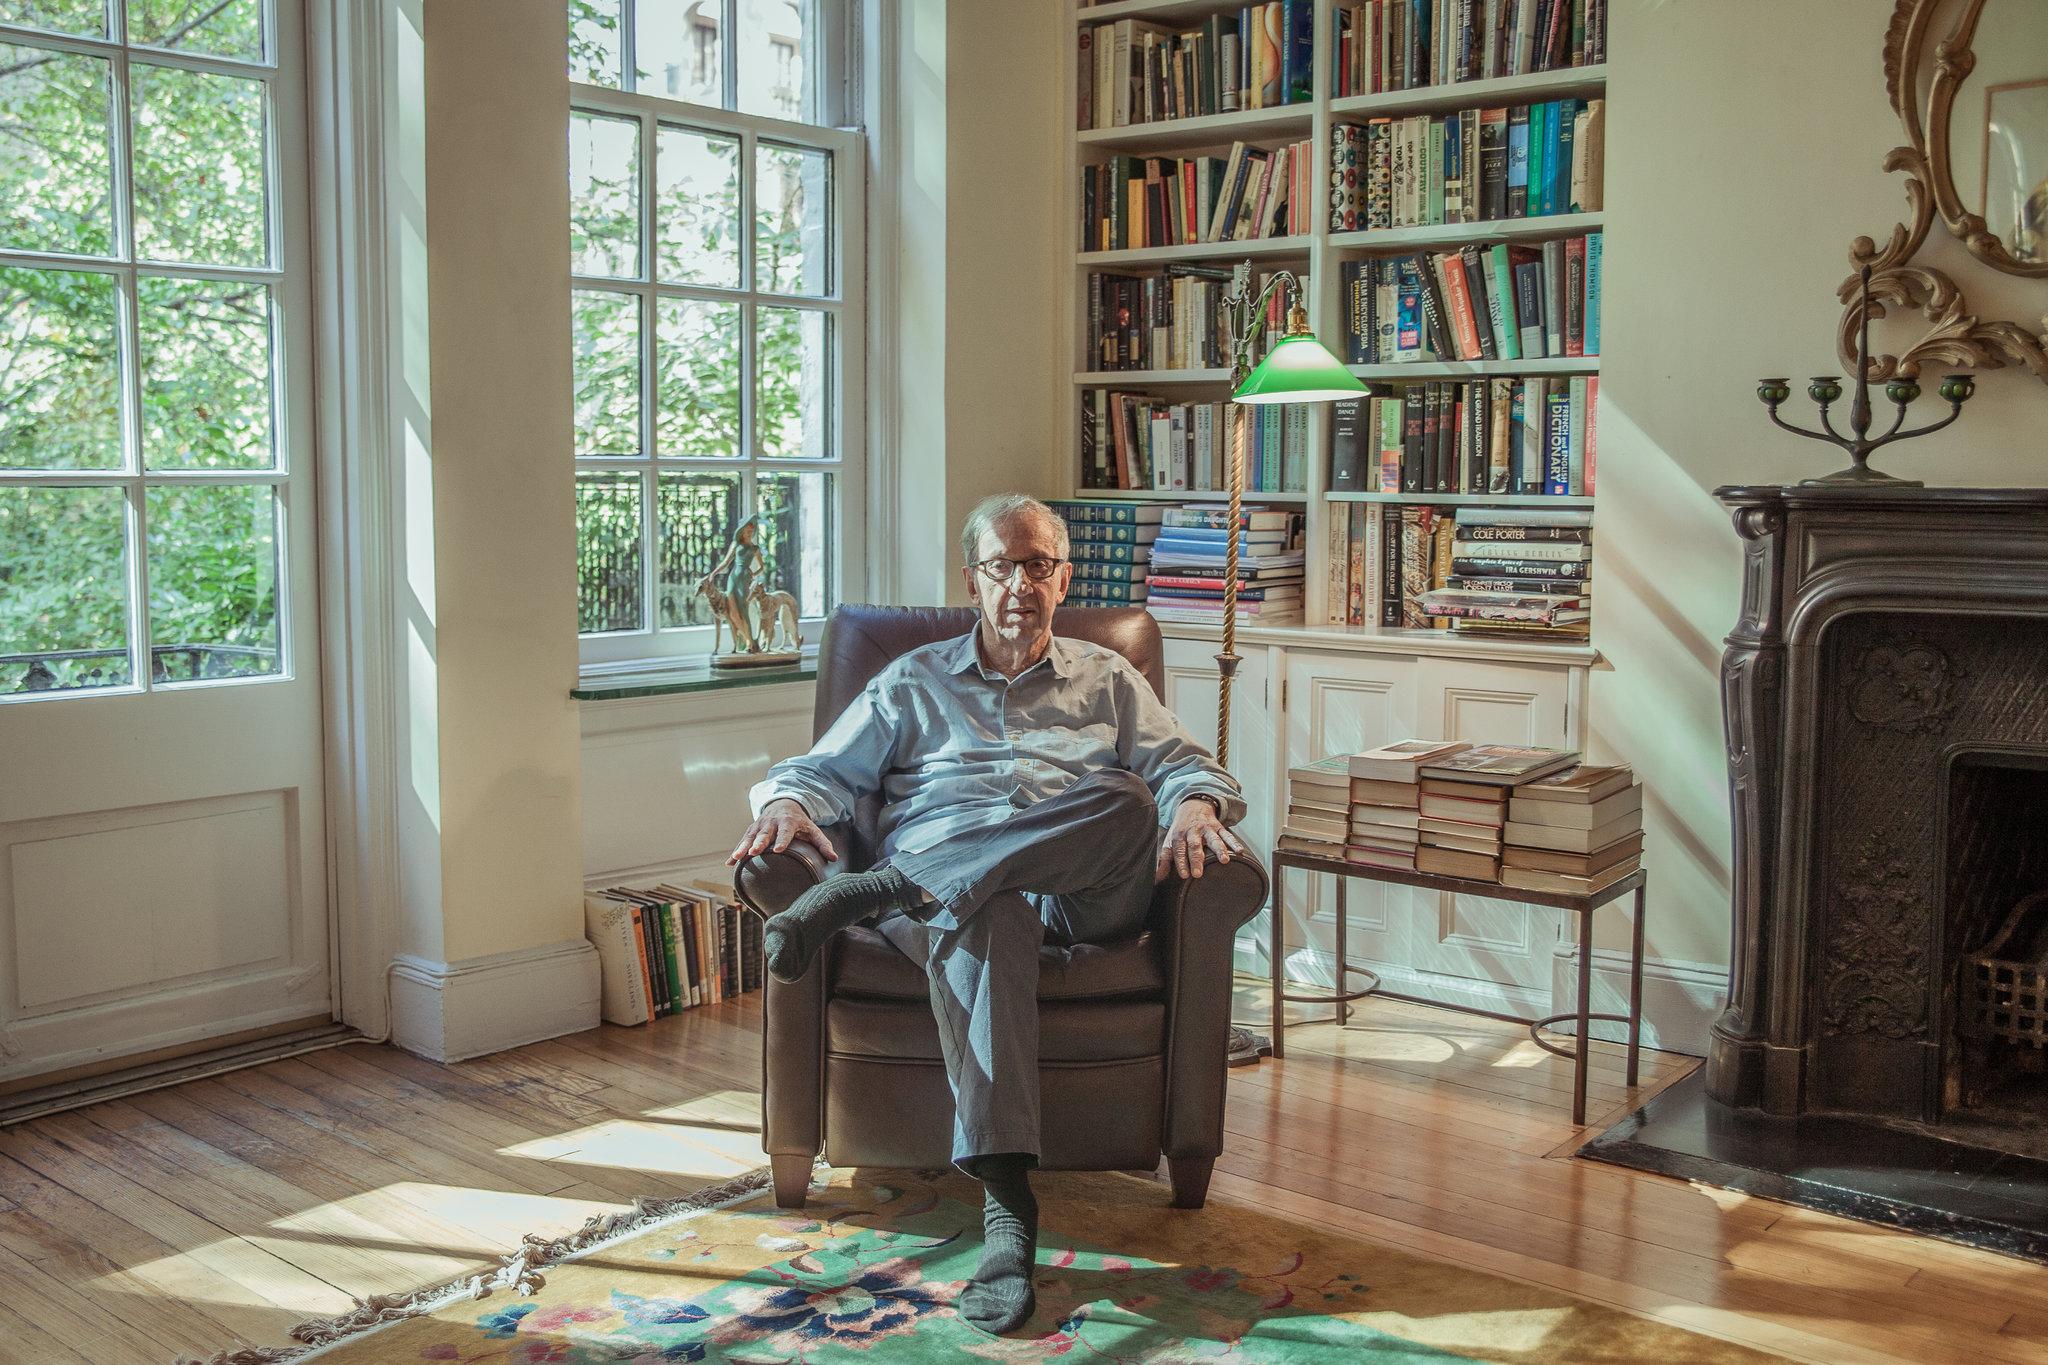 El editor de libros Robert Gottlieb en su casa de Nueva York.